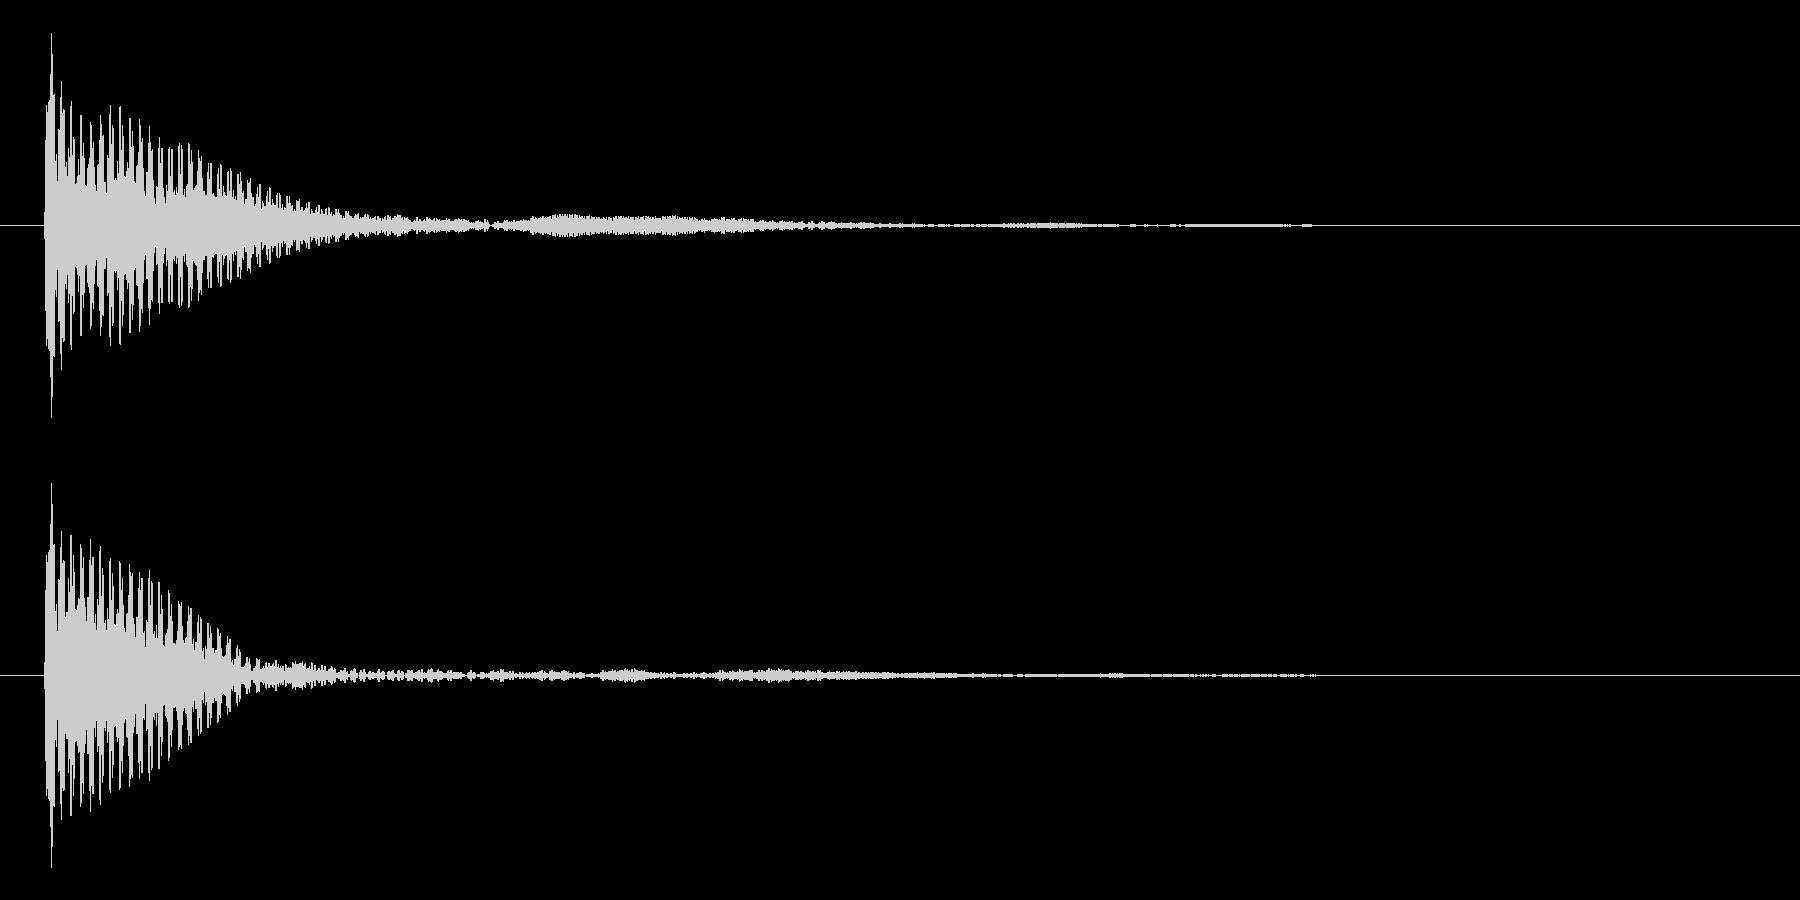 ポン カーソル音 タップ音 D#-04_の未再生の波形